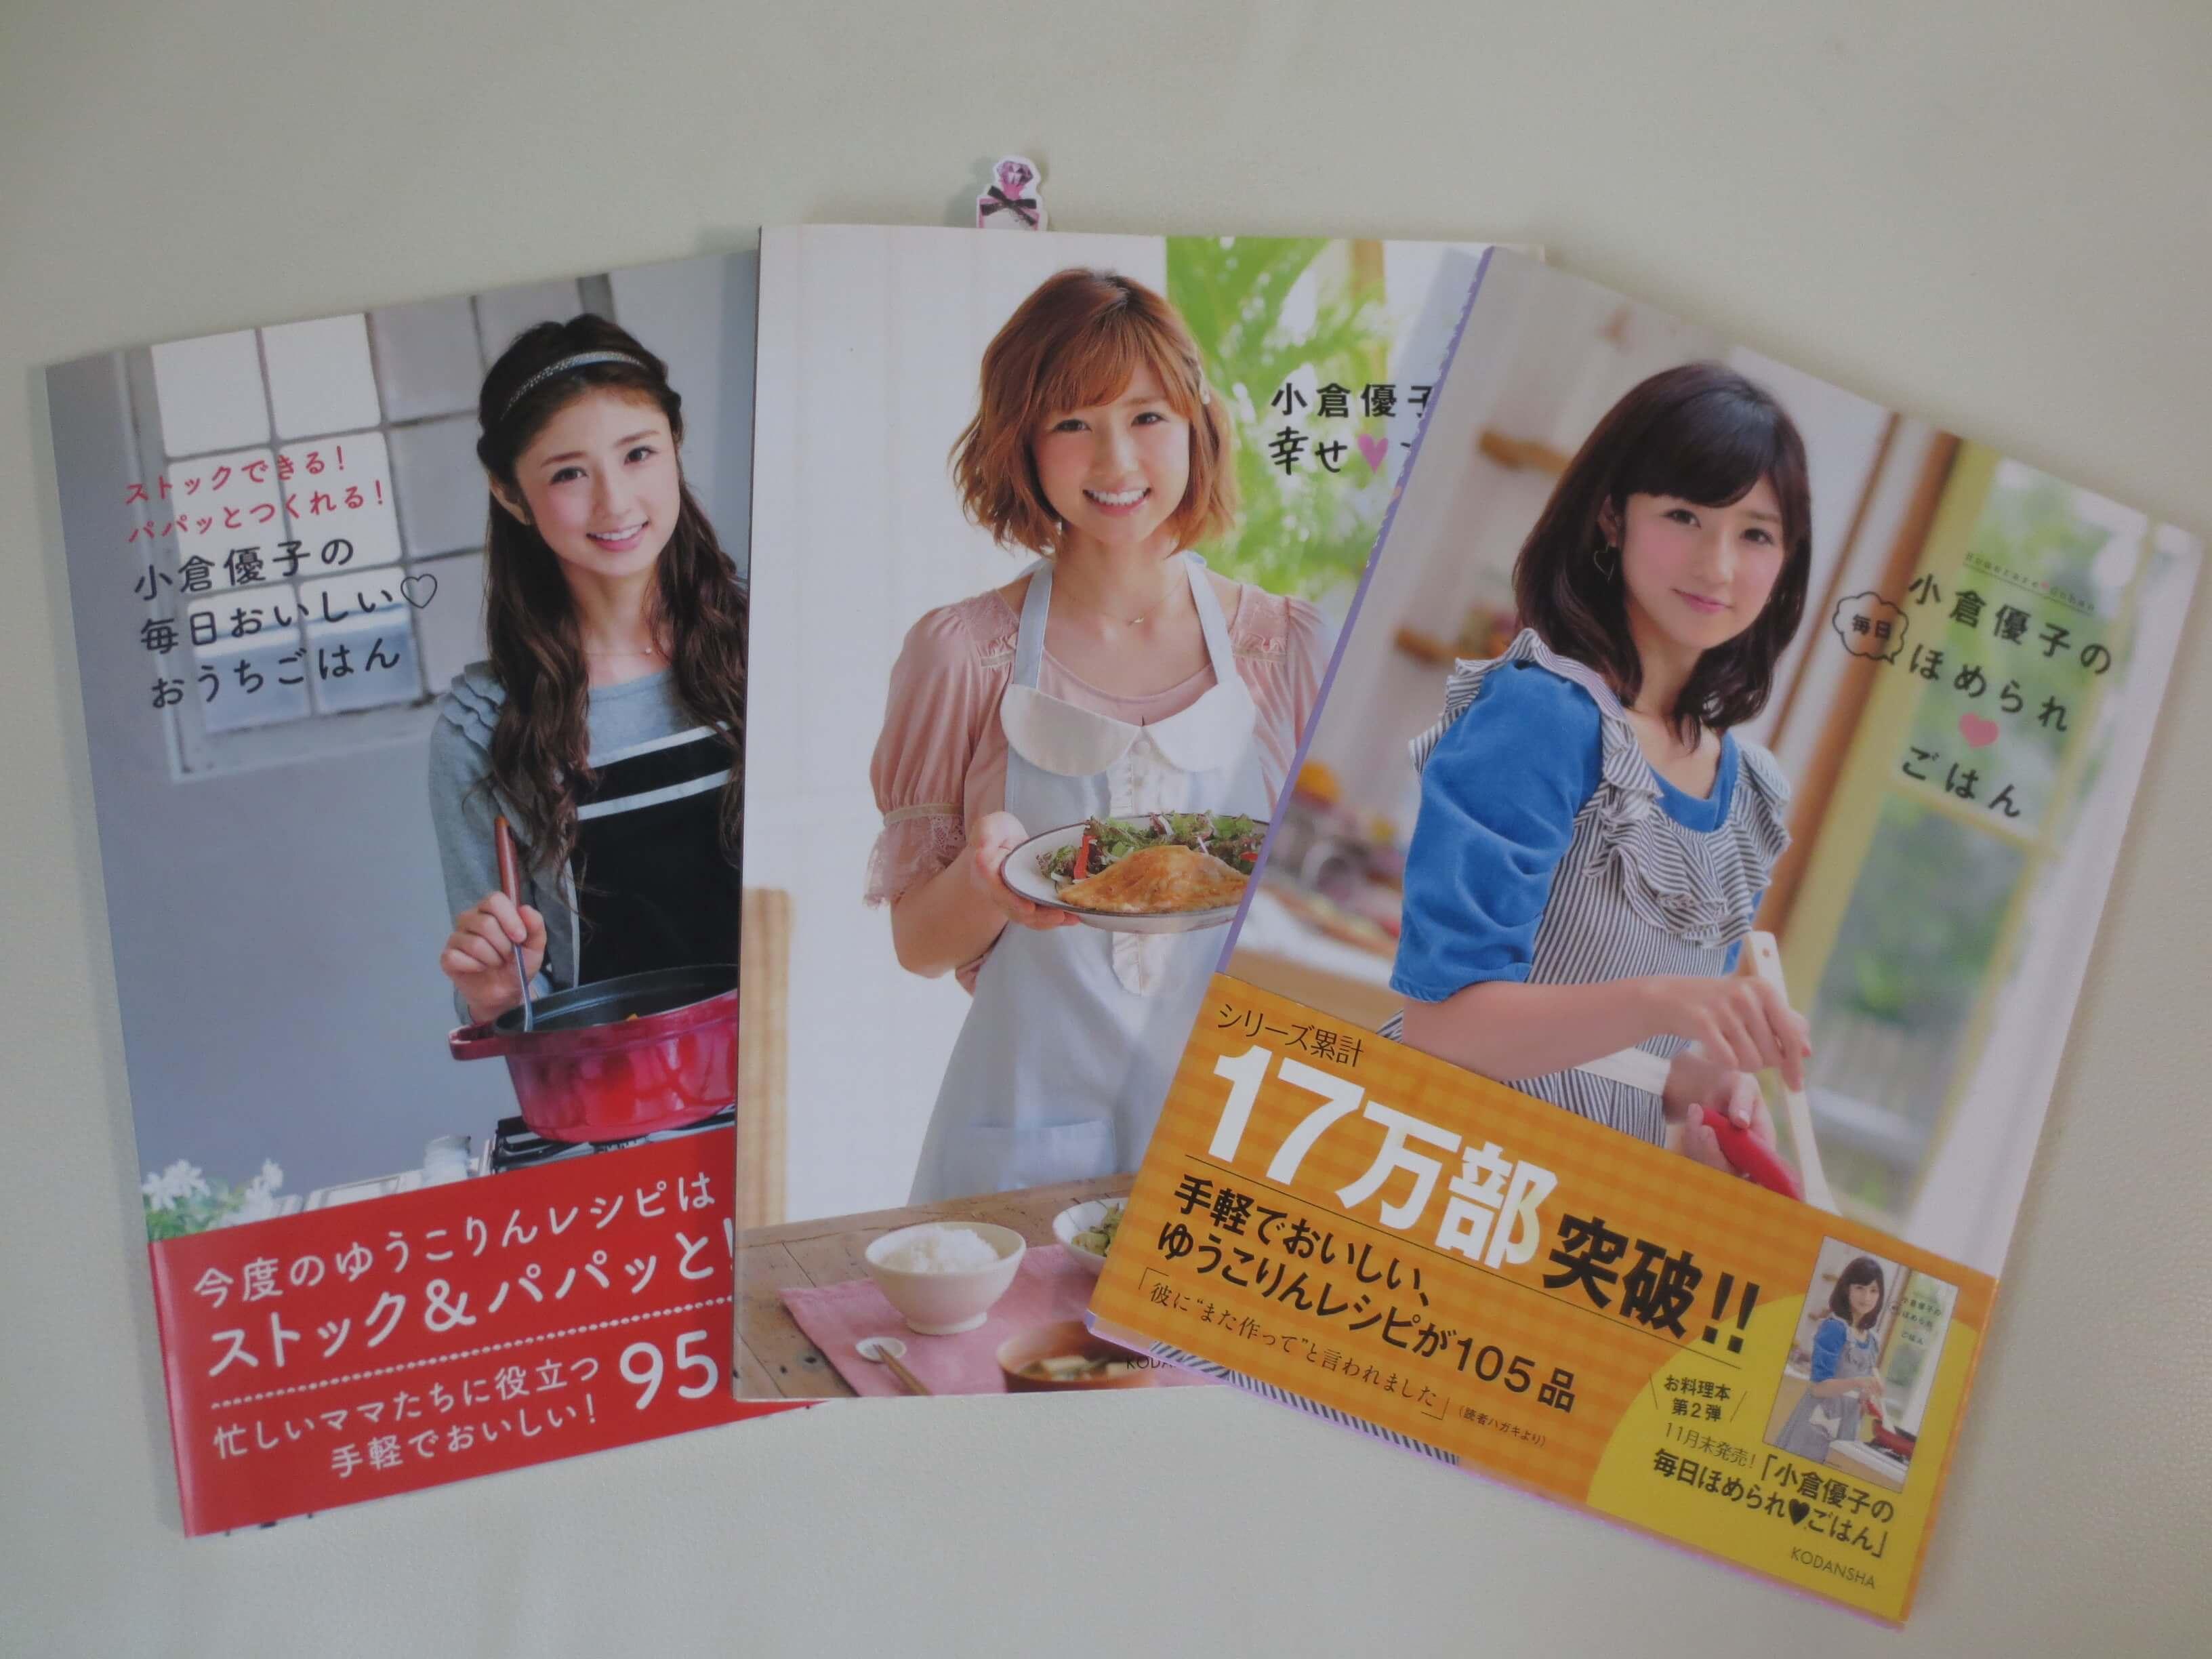 キットオイシックス小倉優子口コミ・評判10